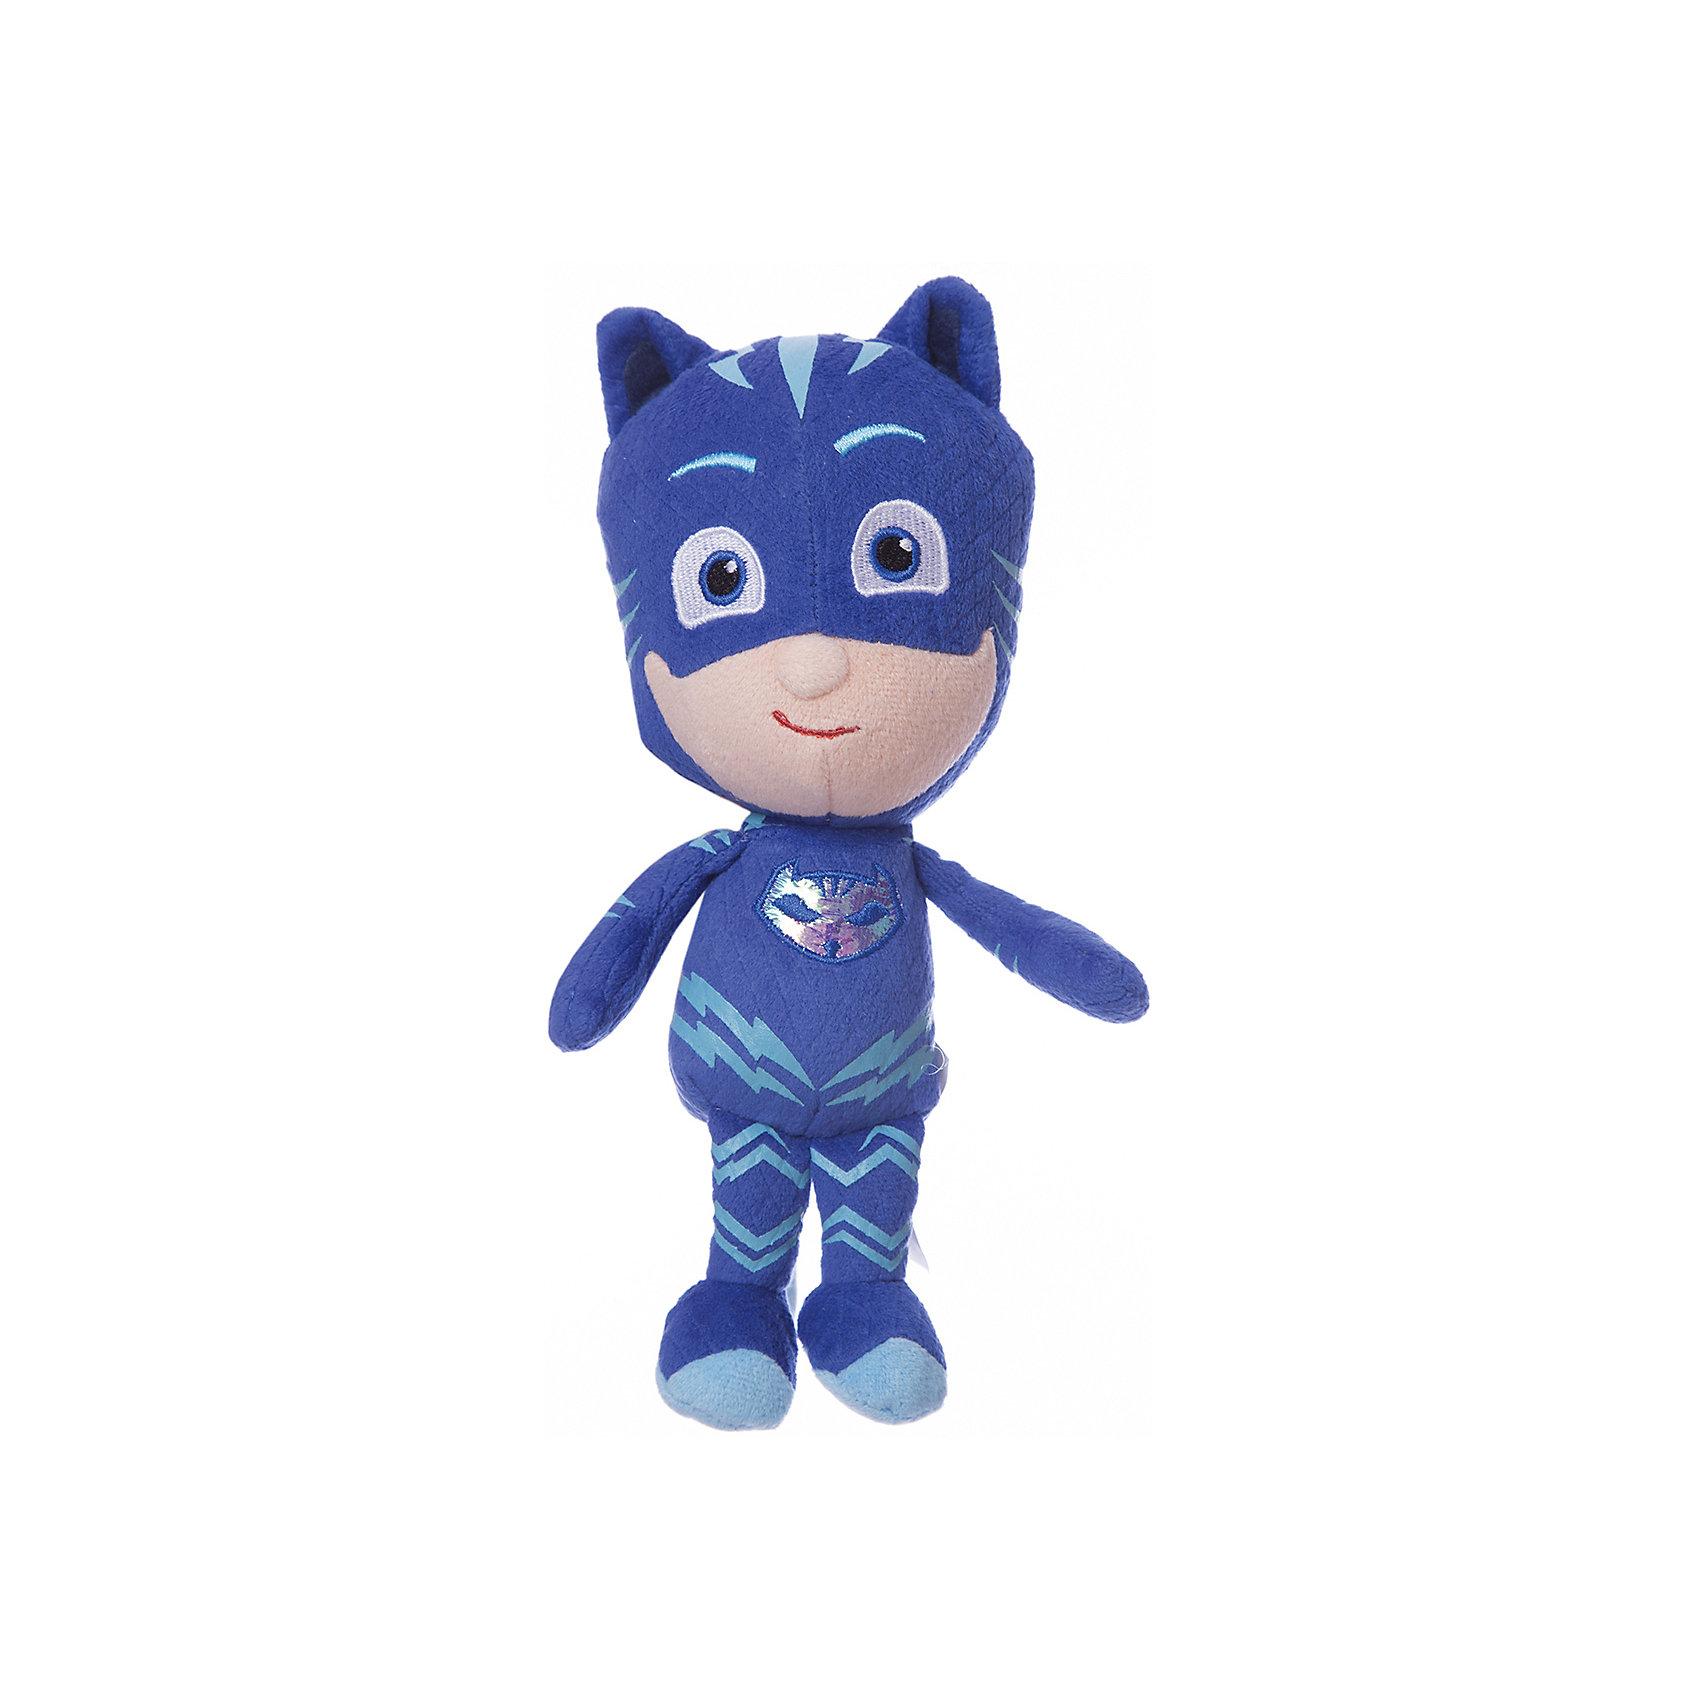 Мягкая игрушка Кэтбой, Герои в масках,  20 см.Любимые герои<br>Мягкая игрушка Кэтбой - персонаж мультфильма Герои в масках - с удовольствием составит вашему малышу компанию в веселых играх, помогая ему развивать фантазию, речь, тактильное и цветовое восприятие и многое другое. А чтобы игры были еще интереснее, вы можете приобрести других героев мультфильма: Алетт, Гекко и Ромео.&#13;<br>Мягкая игрушка Кэтбой ТМ Герои в масках высотой 20 см сшита из качественных текстильных материалов, декорирована вышивкой, снизу содержит шарики антистресс для устойчивости. Товар сертифицирован.<br><br>Ширина мм: 80<br>Глубина мм: 70<br>Высота мм: 200<br>Вес г: 97<br>Возраст от месяцев: 36<br>Возраст до месяцев: 2147483647<br>Пол: Унисекс<br>Возраст: Детский<br>SKU: 5577971